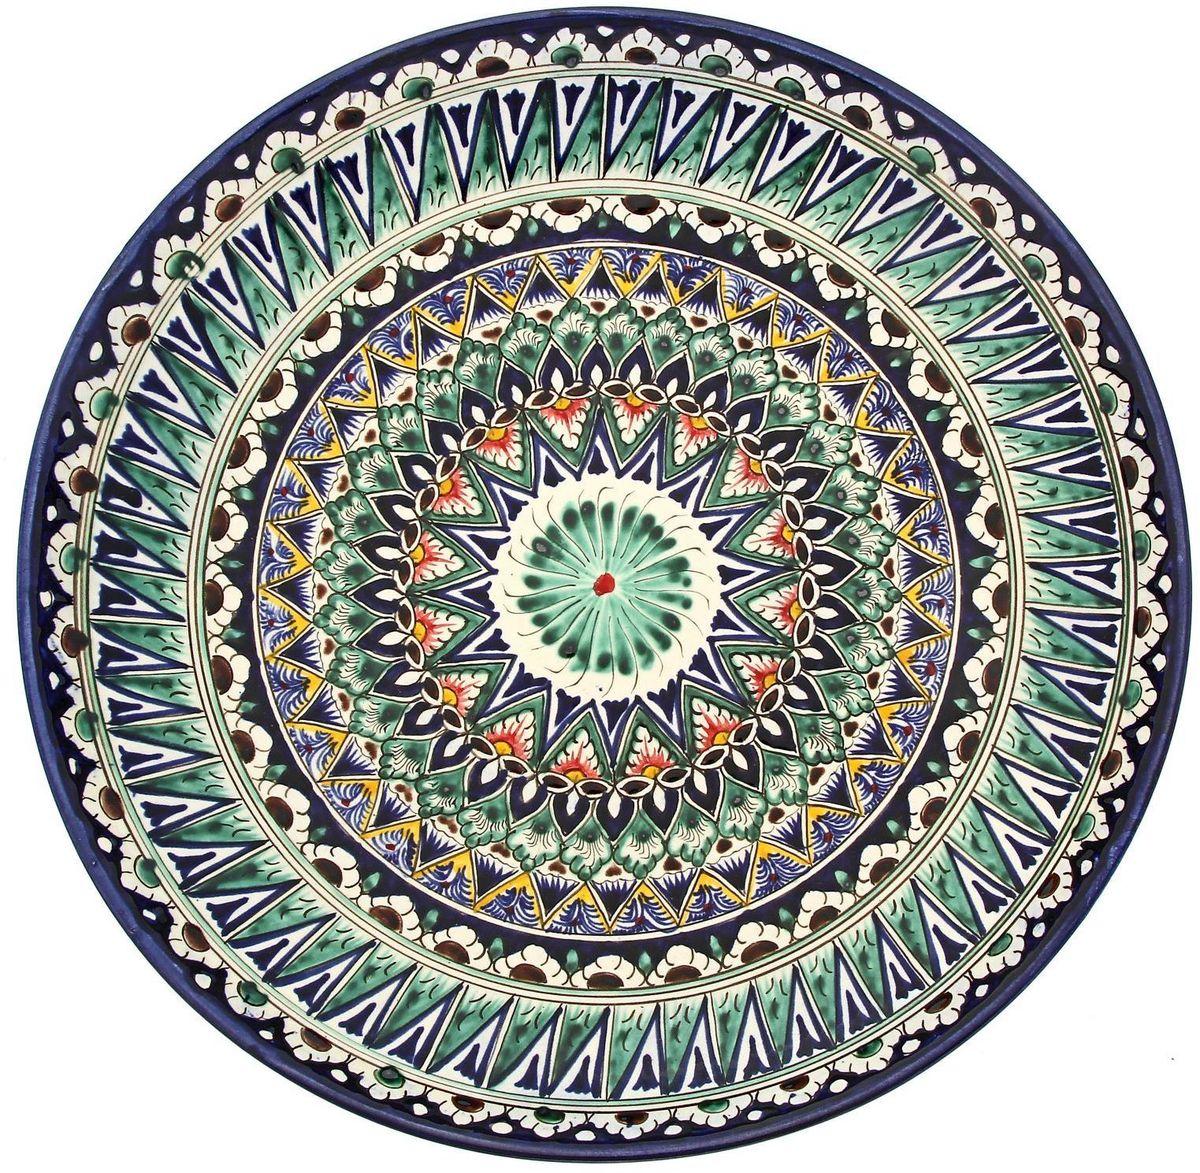 Ляган Риштанская керамика, цвет: синий, белый, диаметр 31 см. 19242261924226Ляган Риштанская керамика — это не просто обеденный атрибут, это украшение стола. Посуда с национальной росписью станет отменным подарком для ценителей высокородной посуды. Риштан — город на востоке Узбекистана, один из древнейших в Ферганской долине. С давних времен Риштан славится своим гончарным искусством изготовления цветной керамики. Красноватую глину для изделия добывают в самом городе. Мастера утверждают, что их глина настолько высокого качества, что даже не нуждается в предварительной обработке. Дополните коллекцию кухонных аксессуаров пряными восточными нотами.